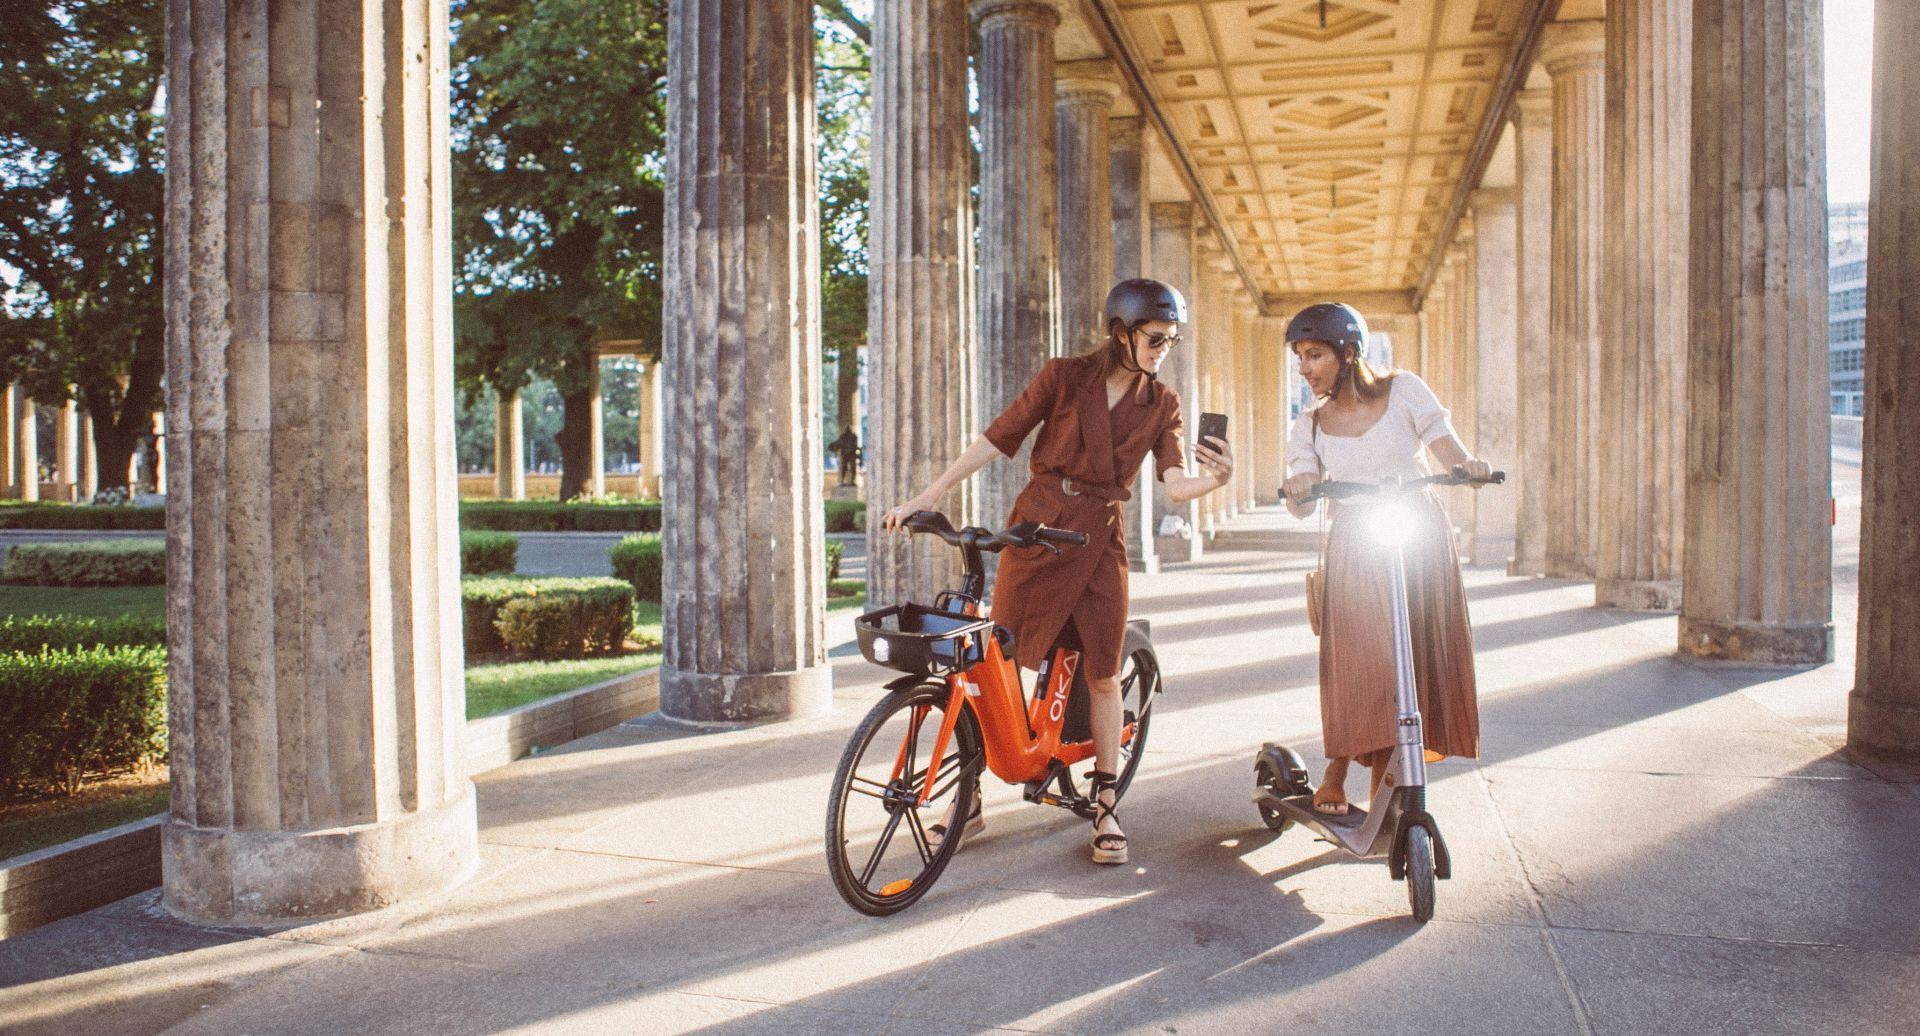 Mestno električno kolo za poceni, učinkovito in hitro premikanje